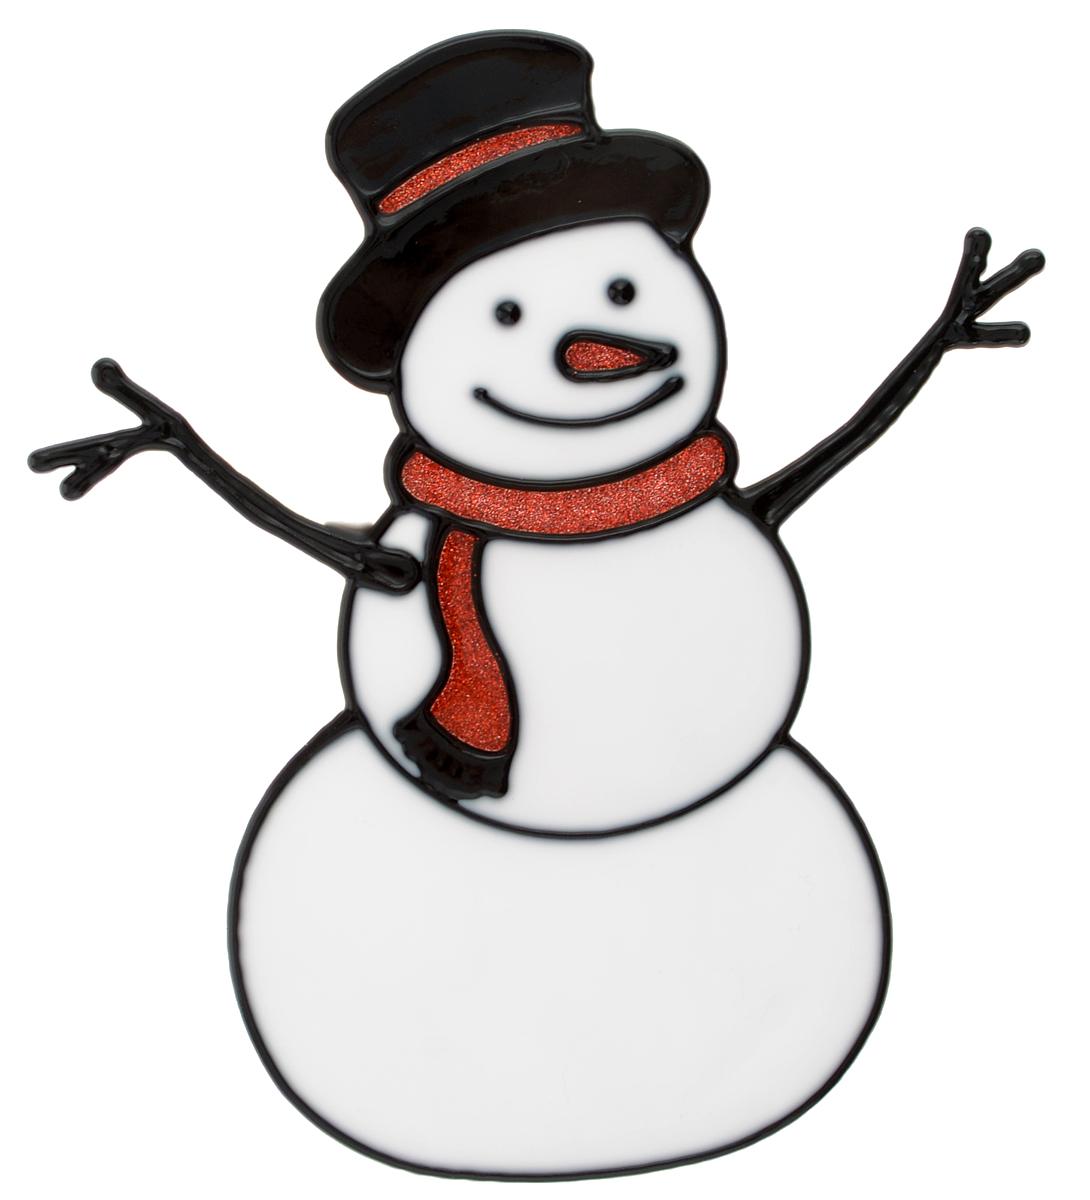 Наклейка на окно Erich Krause Снеговичок, 14,5 х 16 см6062_оранжевыйНаклейка на окно Erich Krause Снеговичок выполнена в виде снеговика с красным шарфиком.С помощью больших витражных наклеек на окно Erich Krause можно составлять на стекле целые зимние сюжеты, которые будут радовать глаз, и поднимать настроение в праздничные дни! Так же Вы можете преподнести этот сувенир в качестве мини-презента коллегам, близким и друзьям с пожеланиями счастливого Нового Года!Размер наклейки: 14,5 х 16 см